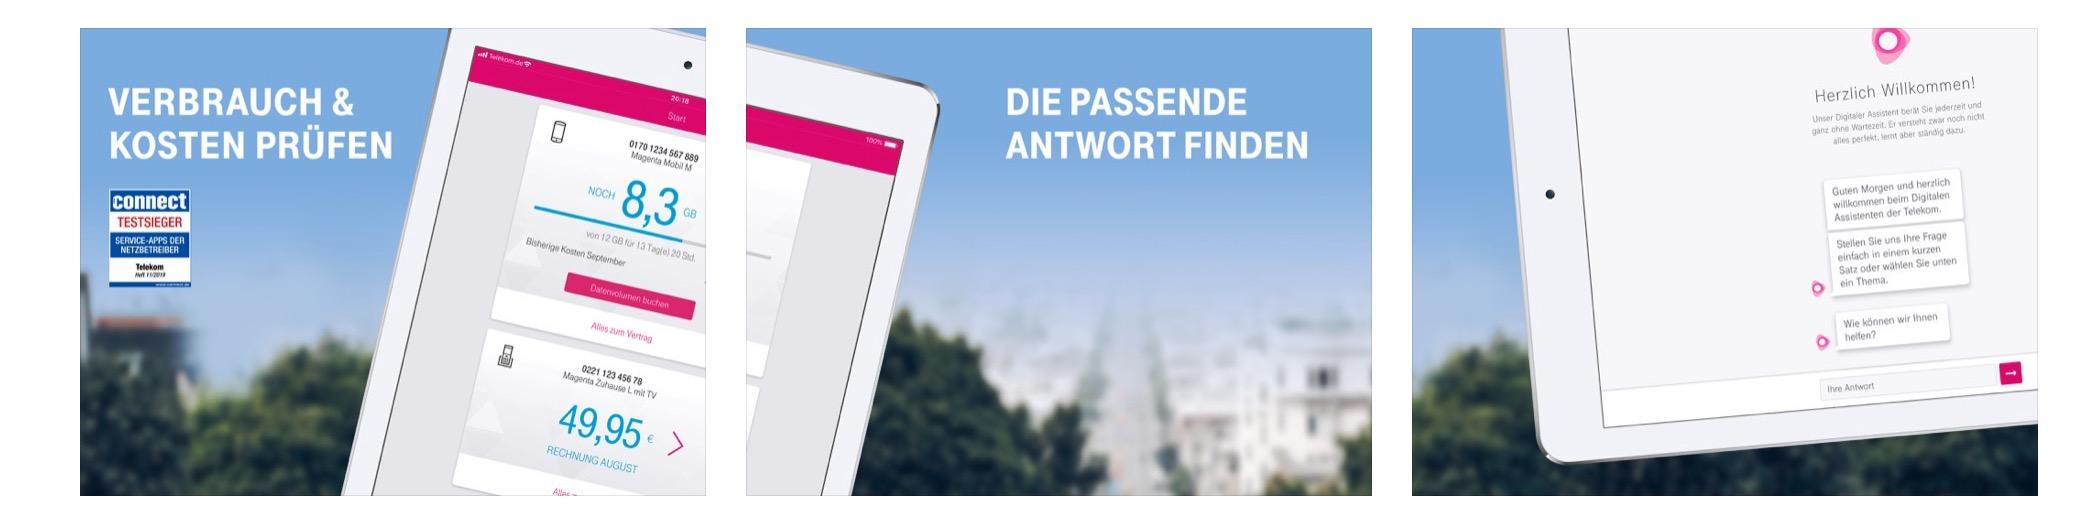 Monatlich grüßt das Murmeltier: Auch im Juni gibt es wieder 500 MB bei der Telekom geschenkt > appletechnikblog